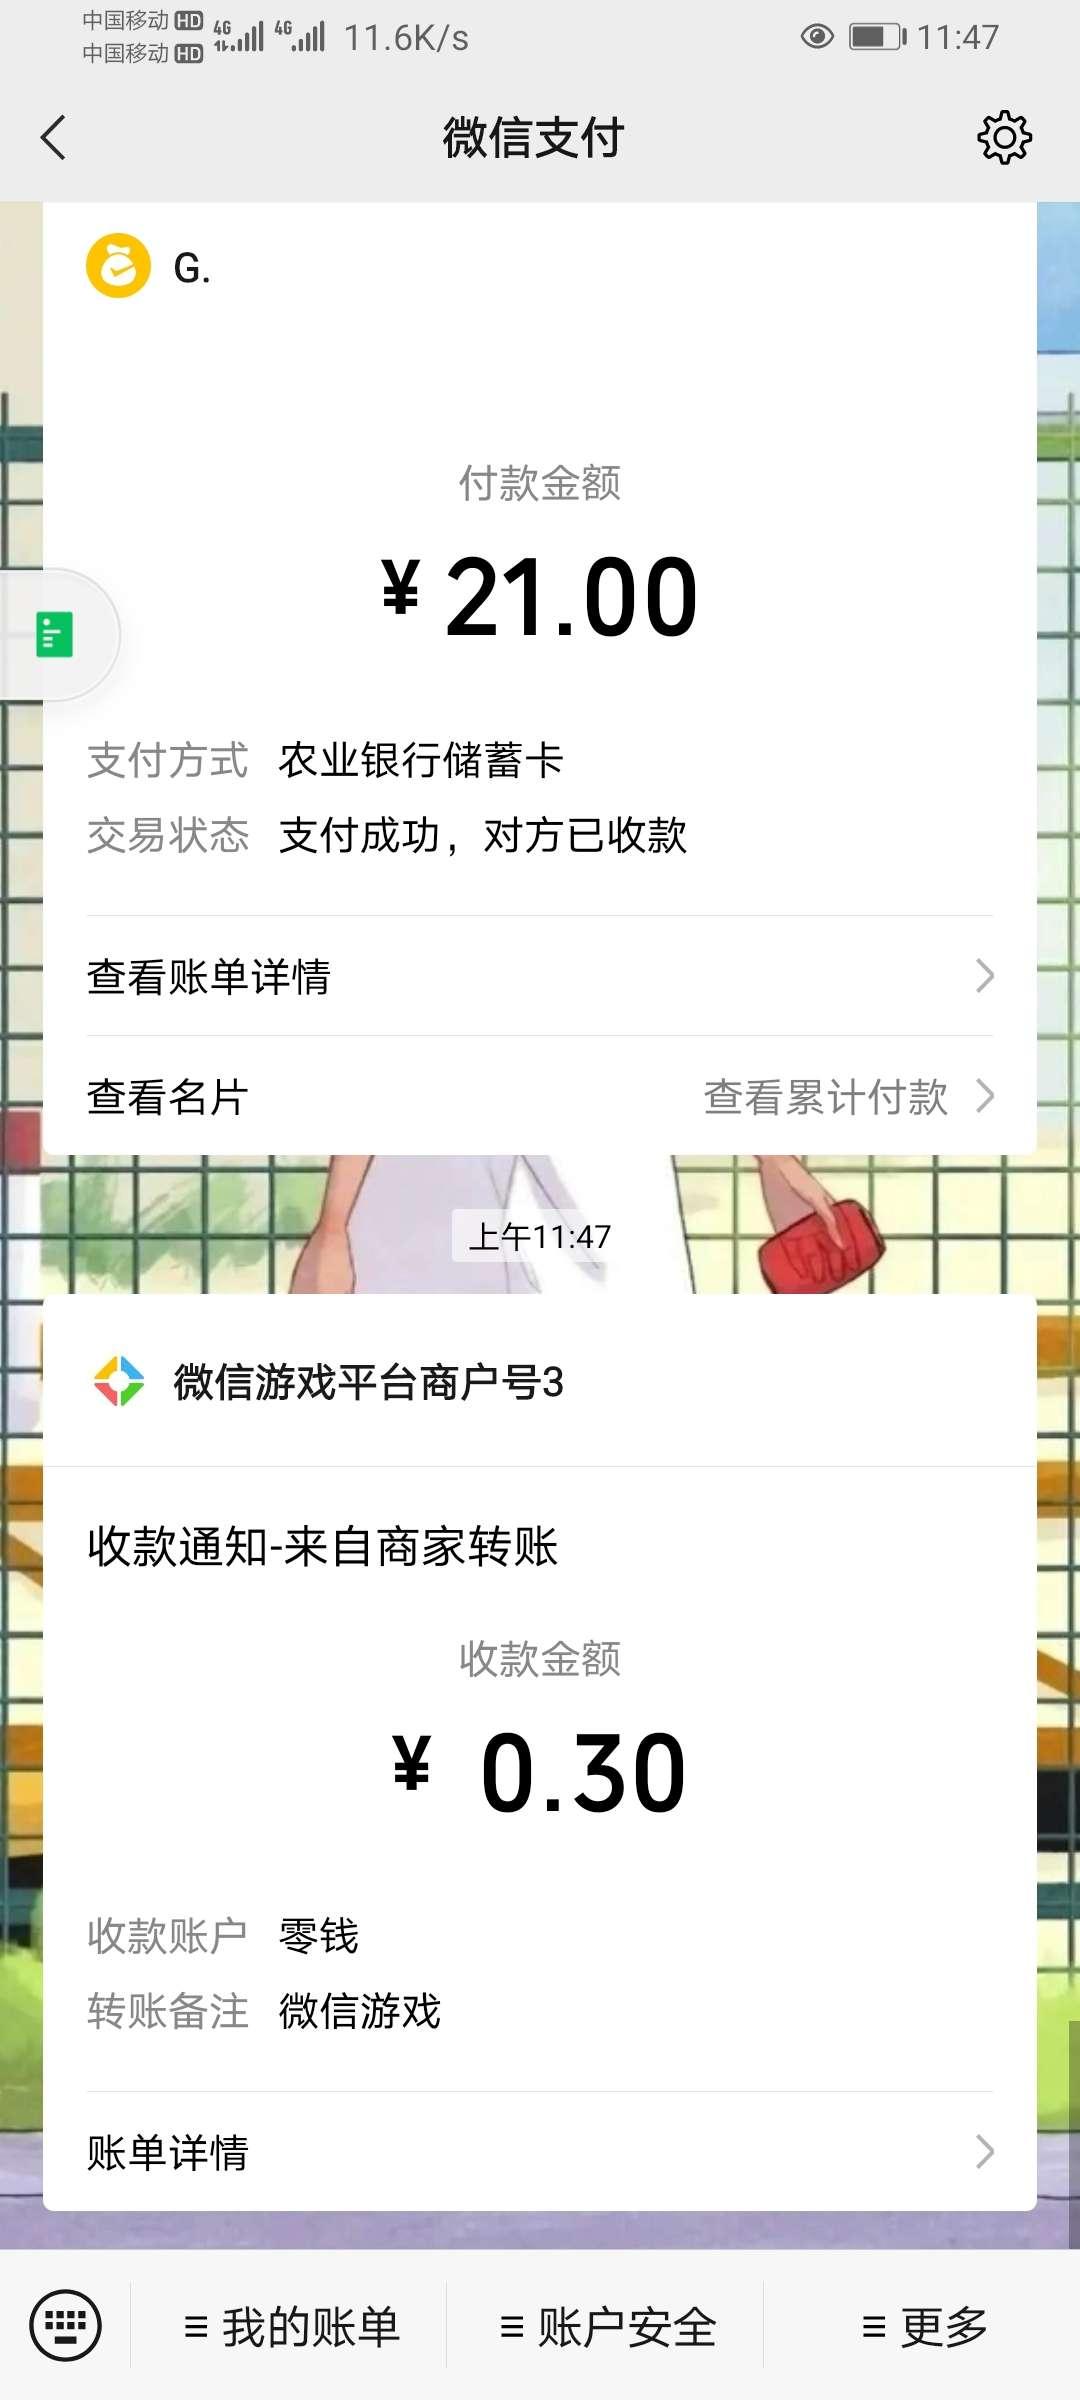 【红包】手机游戏礼物站提取大红包插图4